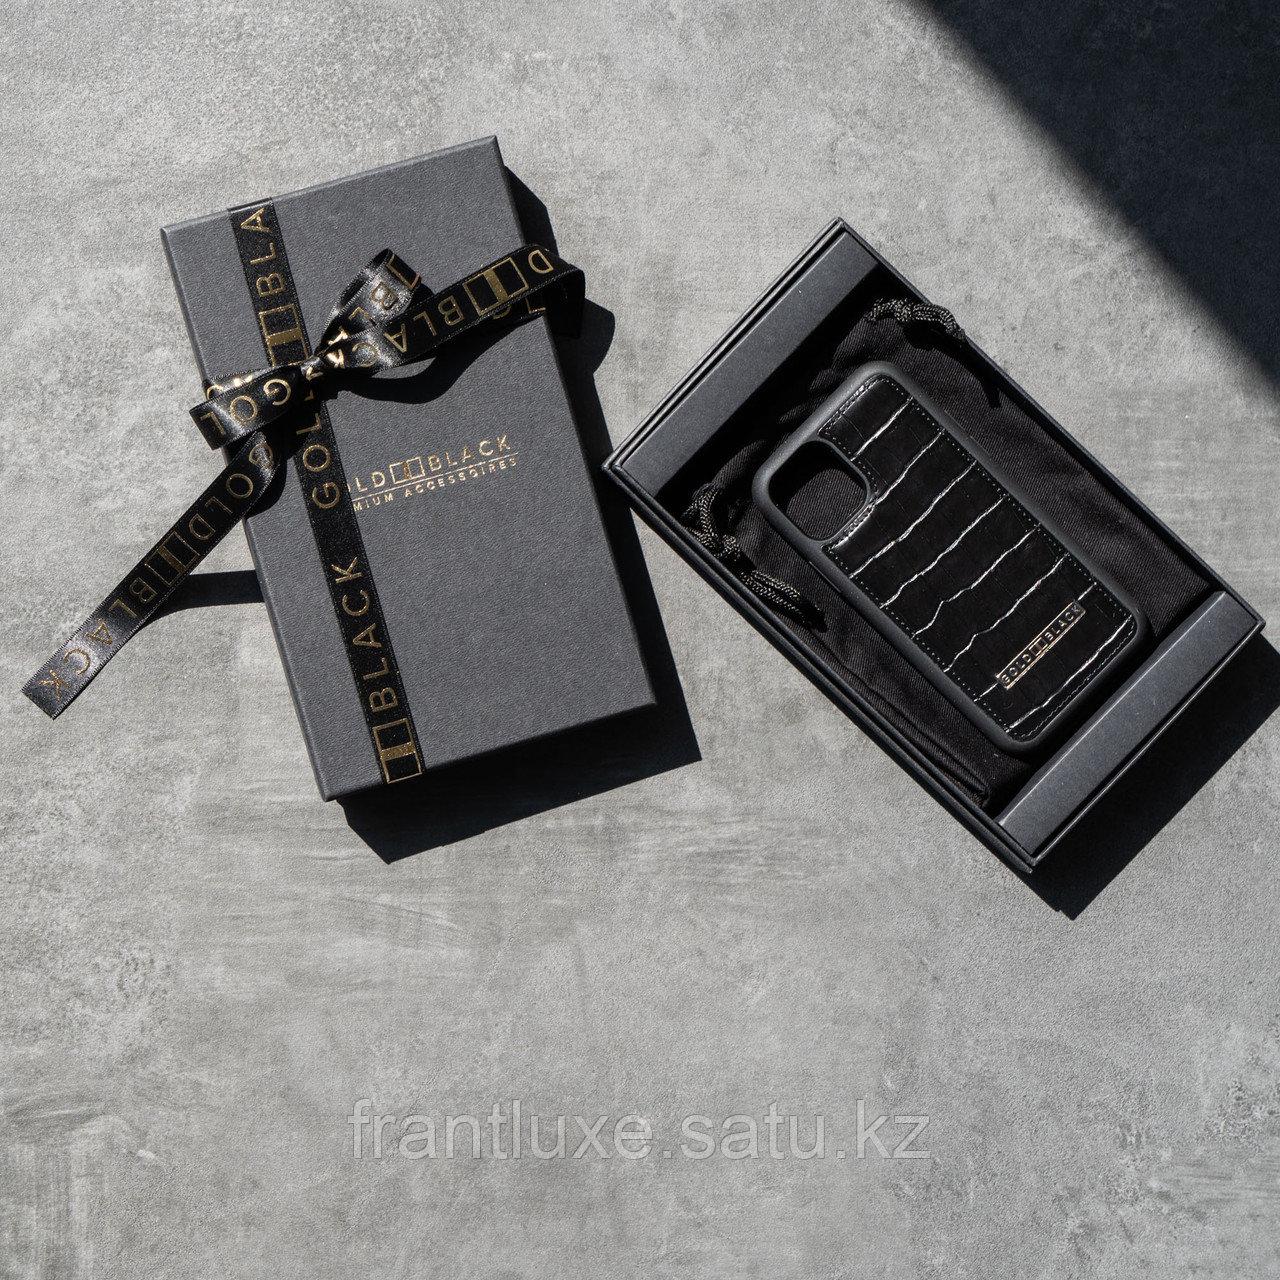 Чехол для телефона iPhone 12 Pro Max с ремешком-держателем Croco чёрный - фото 3